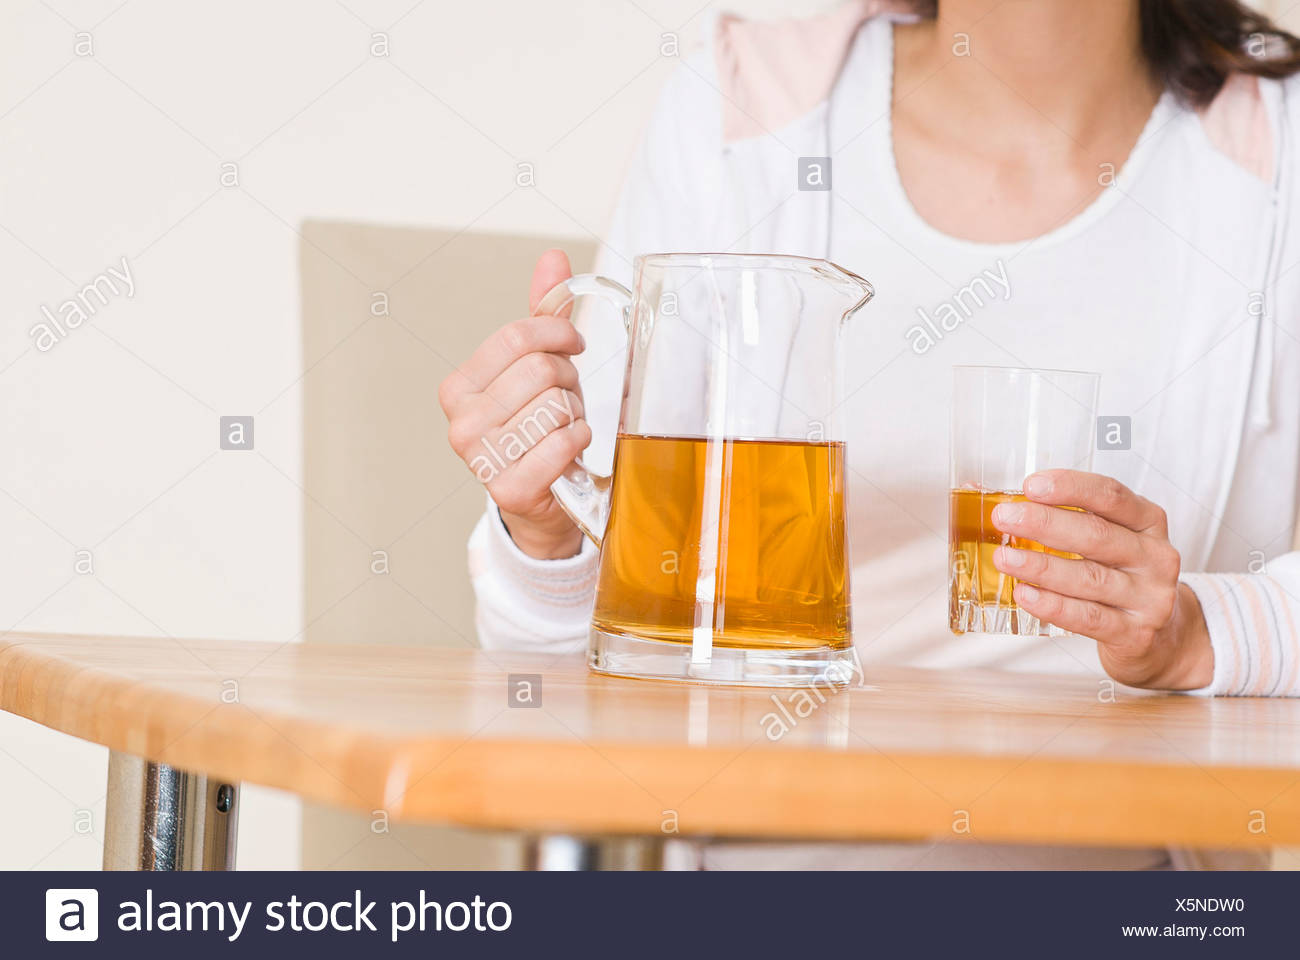 Deutschland, Nordrhein-Westfalen, Düsseldorf, junge Frau mit Getränk ...